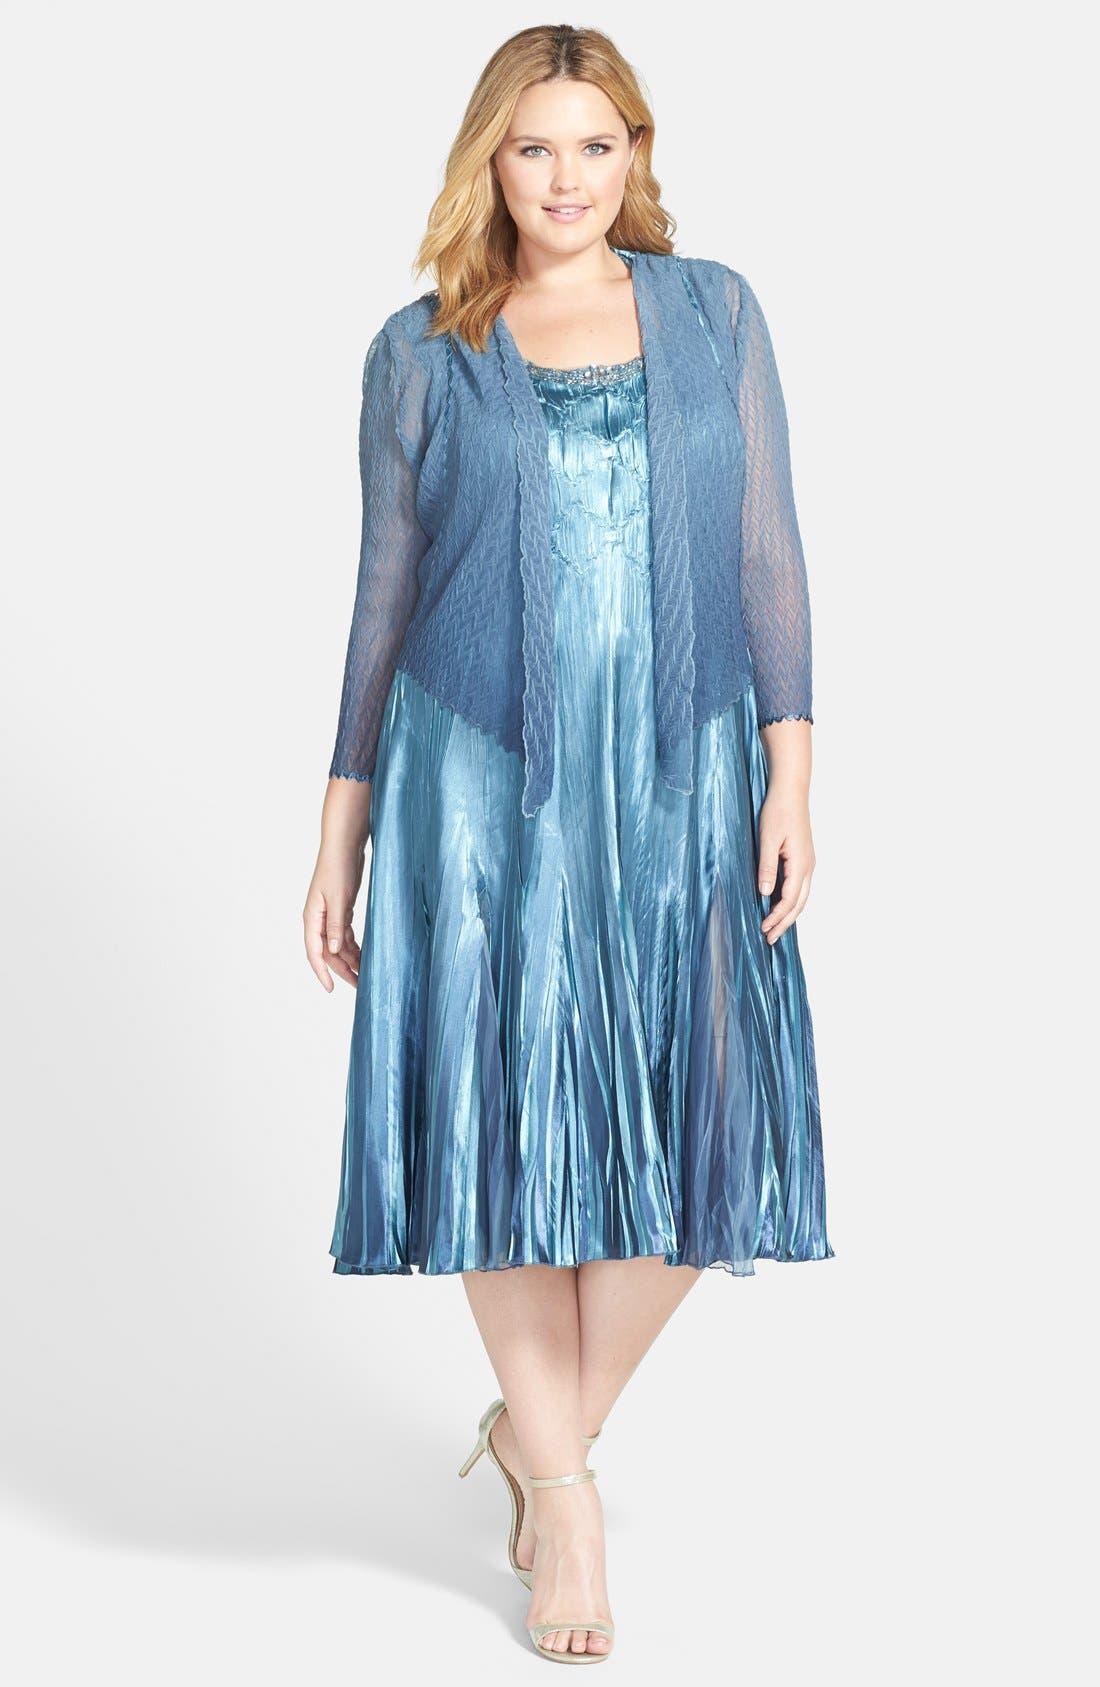 Main Image - Komarov Embellished Charmeuse & Chiffon Dress with Jacket (Plus Size)